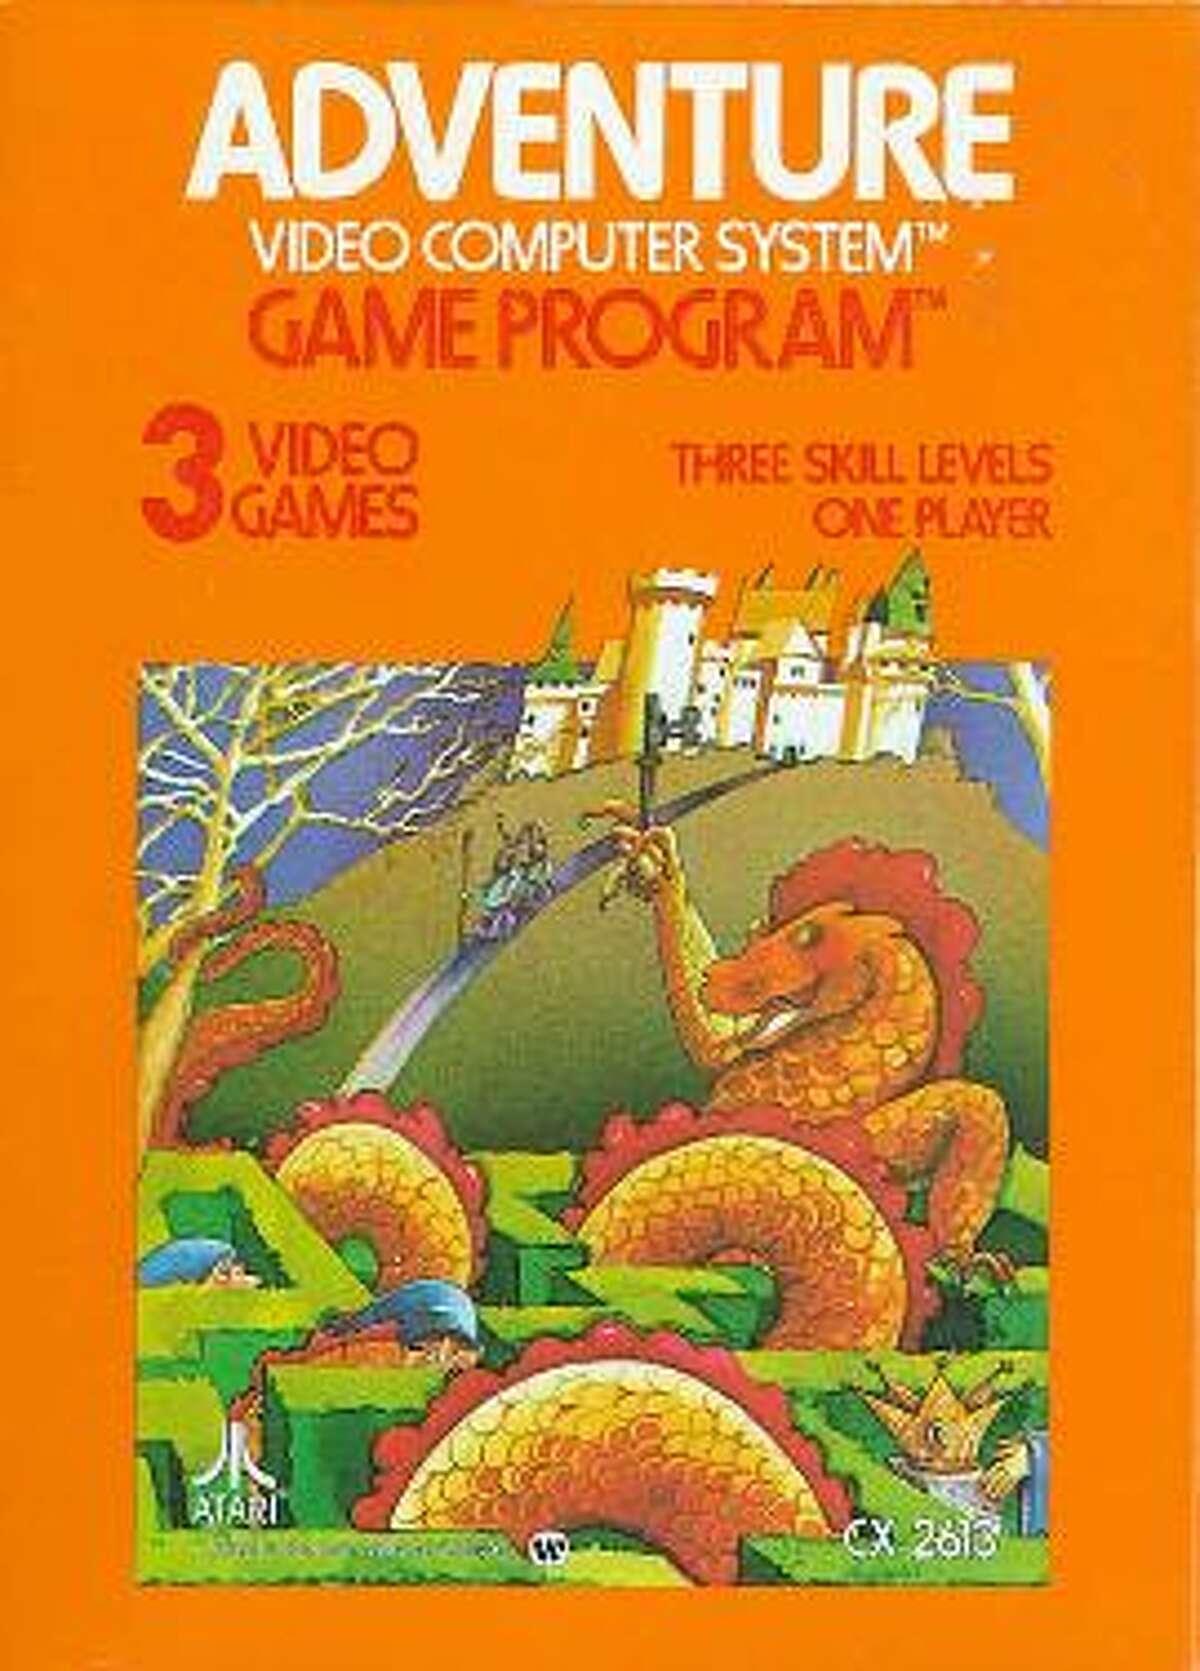 1979 - Adventure Atari 2600